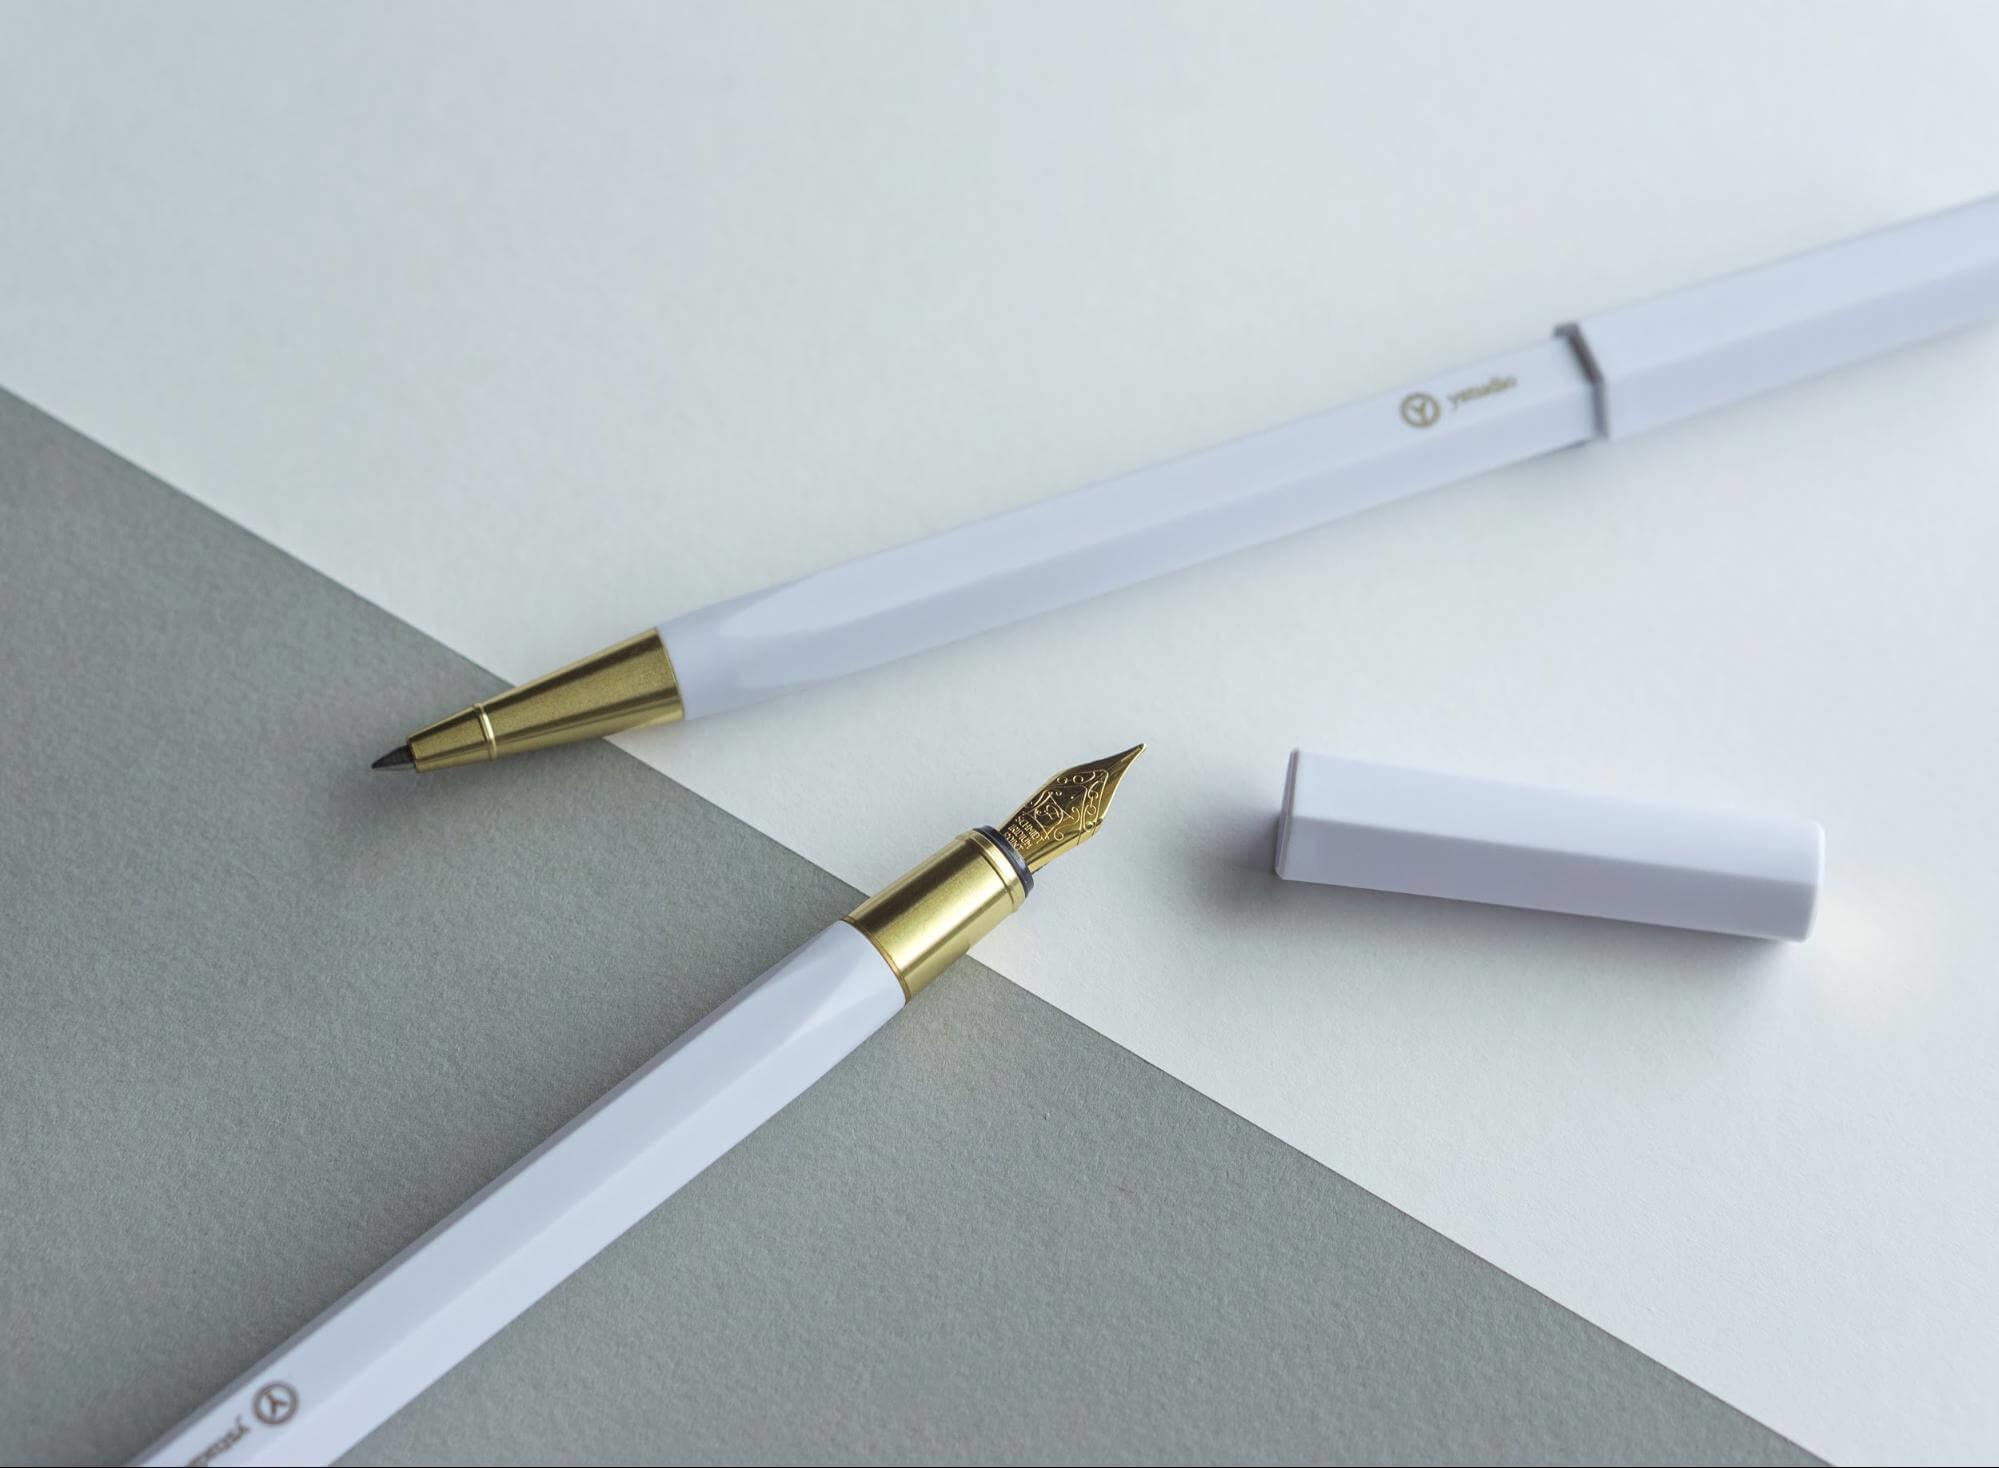 鋼筆牌子比較:價位差異